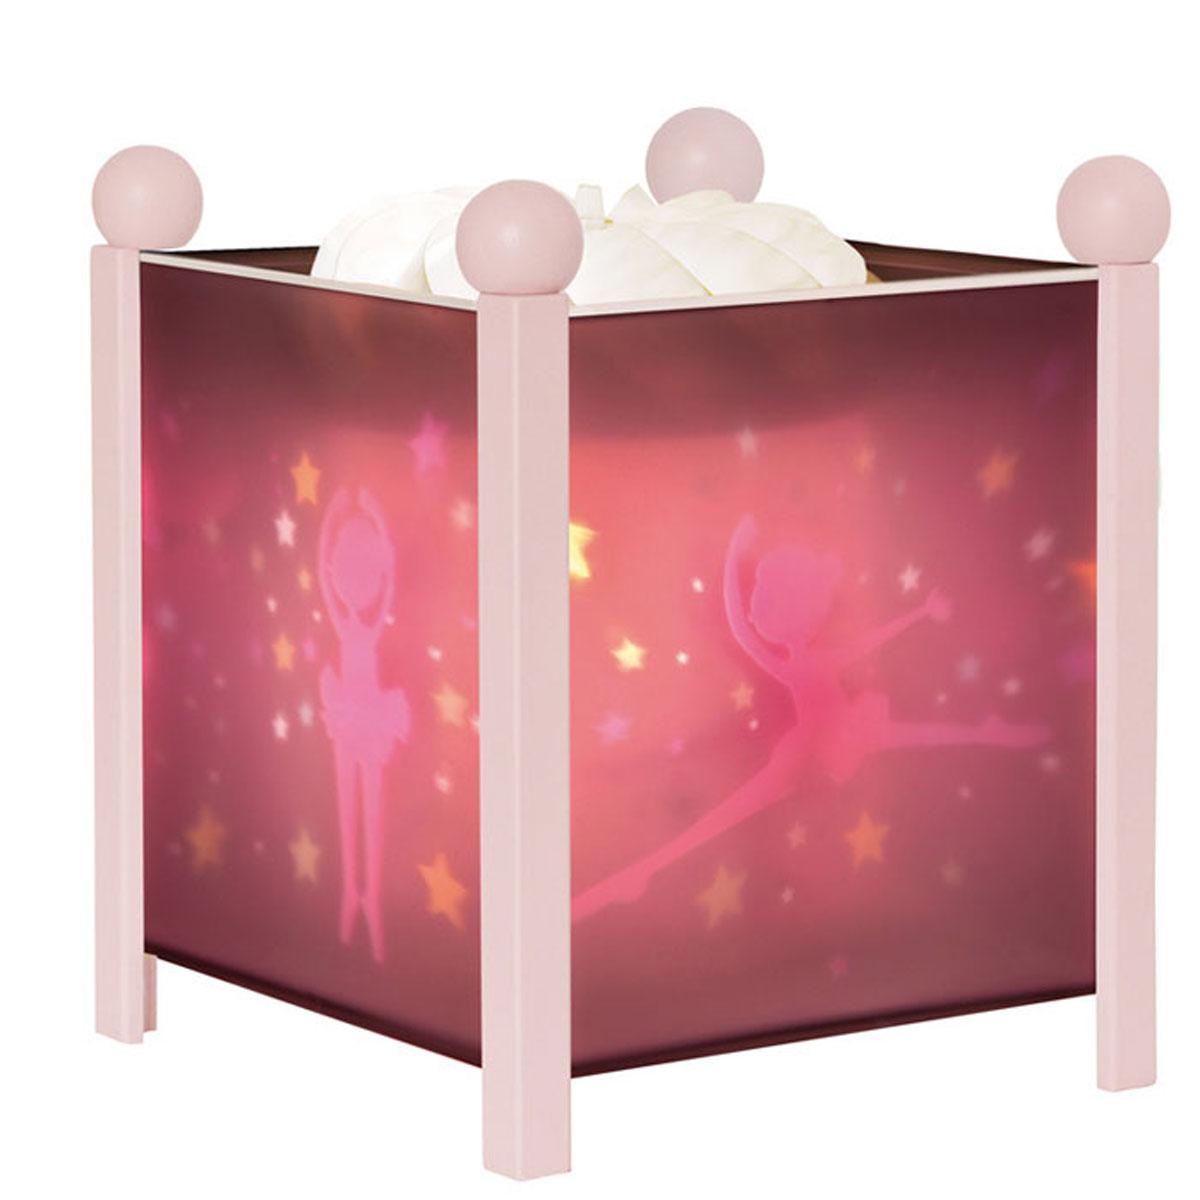 Trousselier Светильник-ночник Magic Lantern Ballerina цвет розовый4311C 12VНочник Trousselier - идеальный аксессуар для детской комнаты.Нежный свет и красочные картинки создадут атмосферу уюта, успокоят и убаюкают кроху. Вы можете подобрать картинку, а также музыкальную подставку с подзаводом (опция). Классический ночник с вращающейся картинкой. Цилиндр ночника вращается благодаря системе нагрева от лампочки 12V 20W, цоколь E14. Тип розетки: C.Размер: 16,5 см x 19 см. Материал: металлический корпус, деревянные ножки и углы, пластиковый, жароустойчивый цилиндр. Поставляется в подарочной упаковке. Соответствует нормам безопасности: CE EN 60598-2-10.